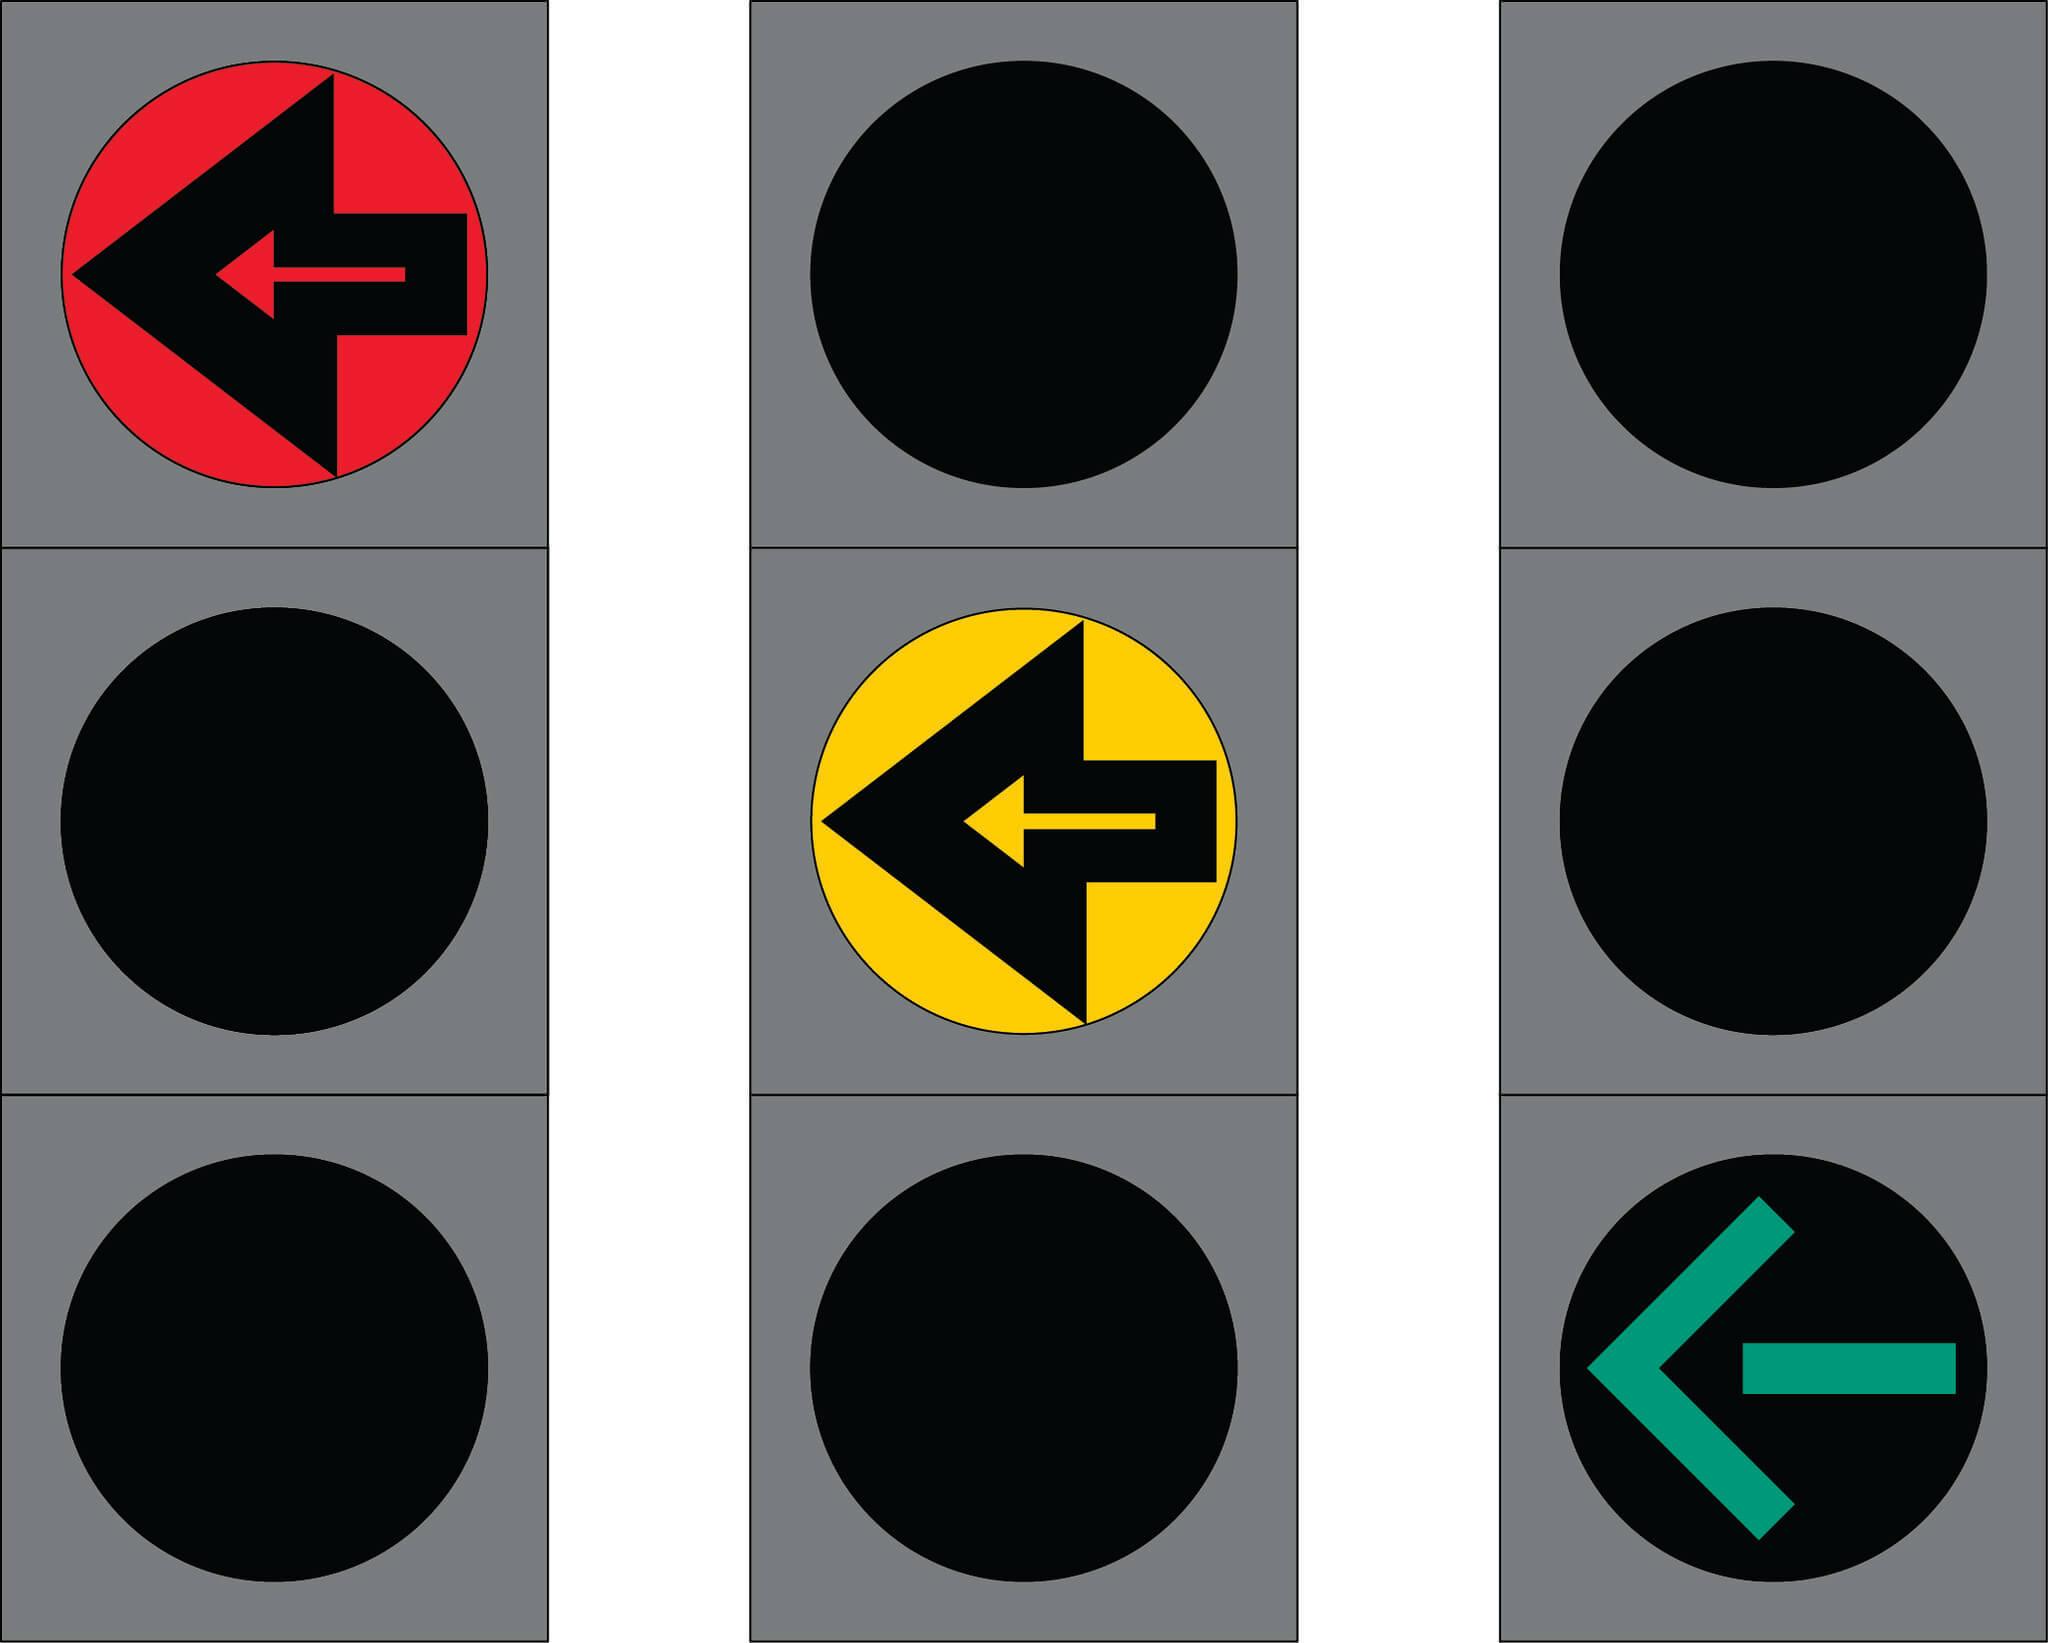 Liikennevalo-opastin 4:Nuolivalo